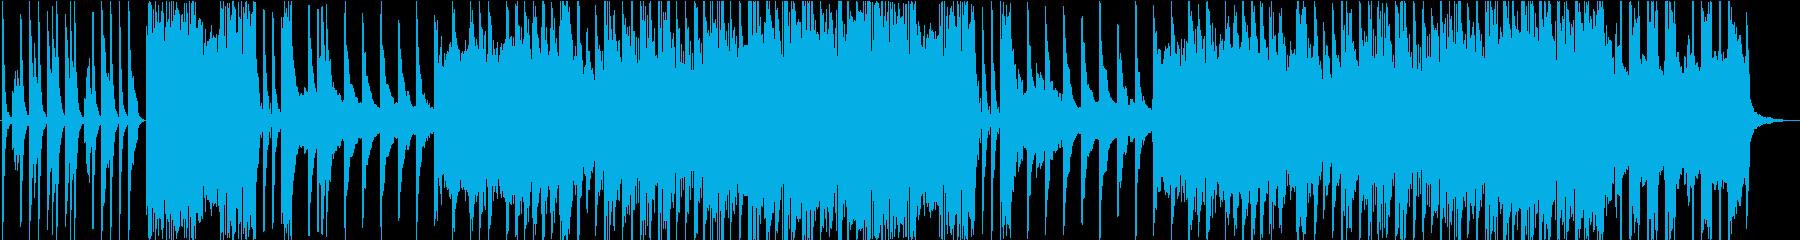 穏やかで感動的なシーンにおすすめなBGMの再生済みの波形